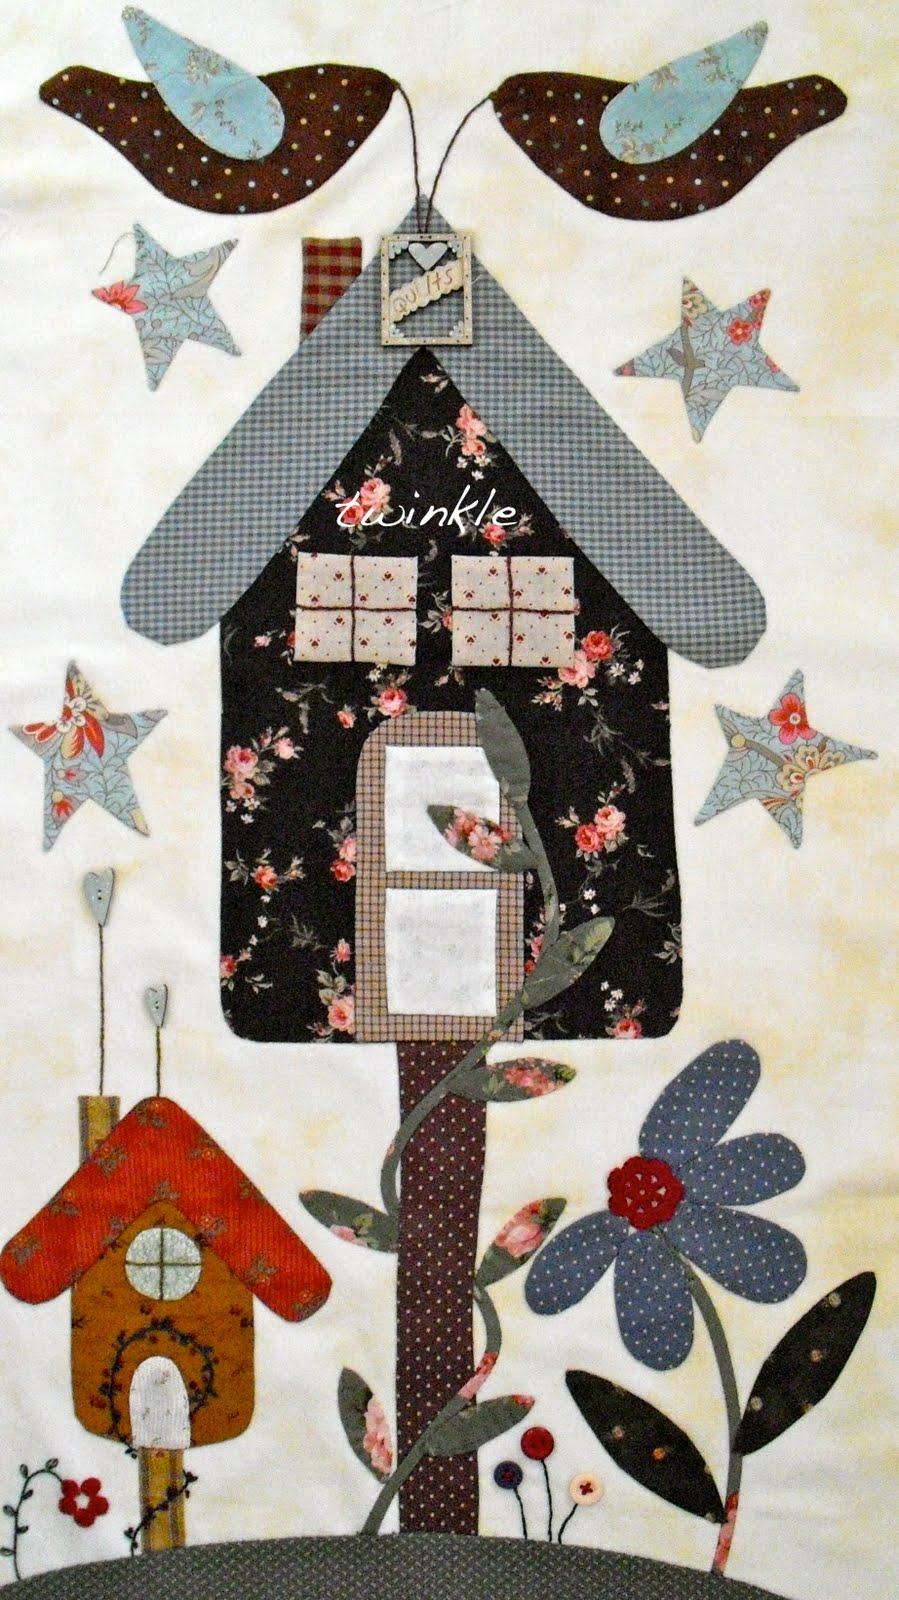 Twinkle patchwork naci un beb - Casas de patchwork ...